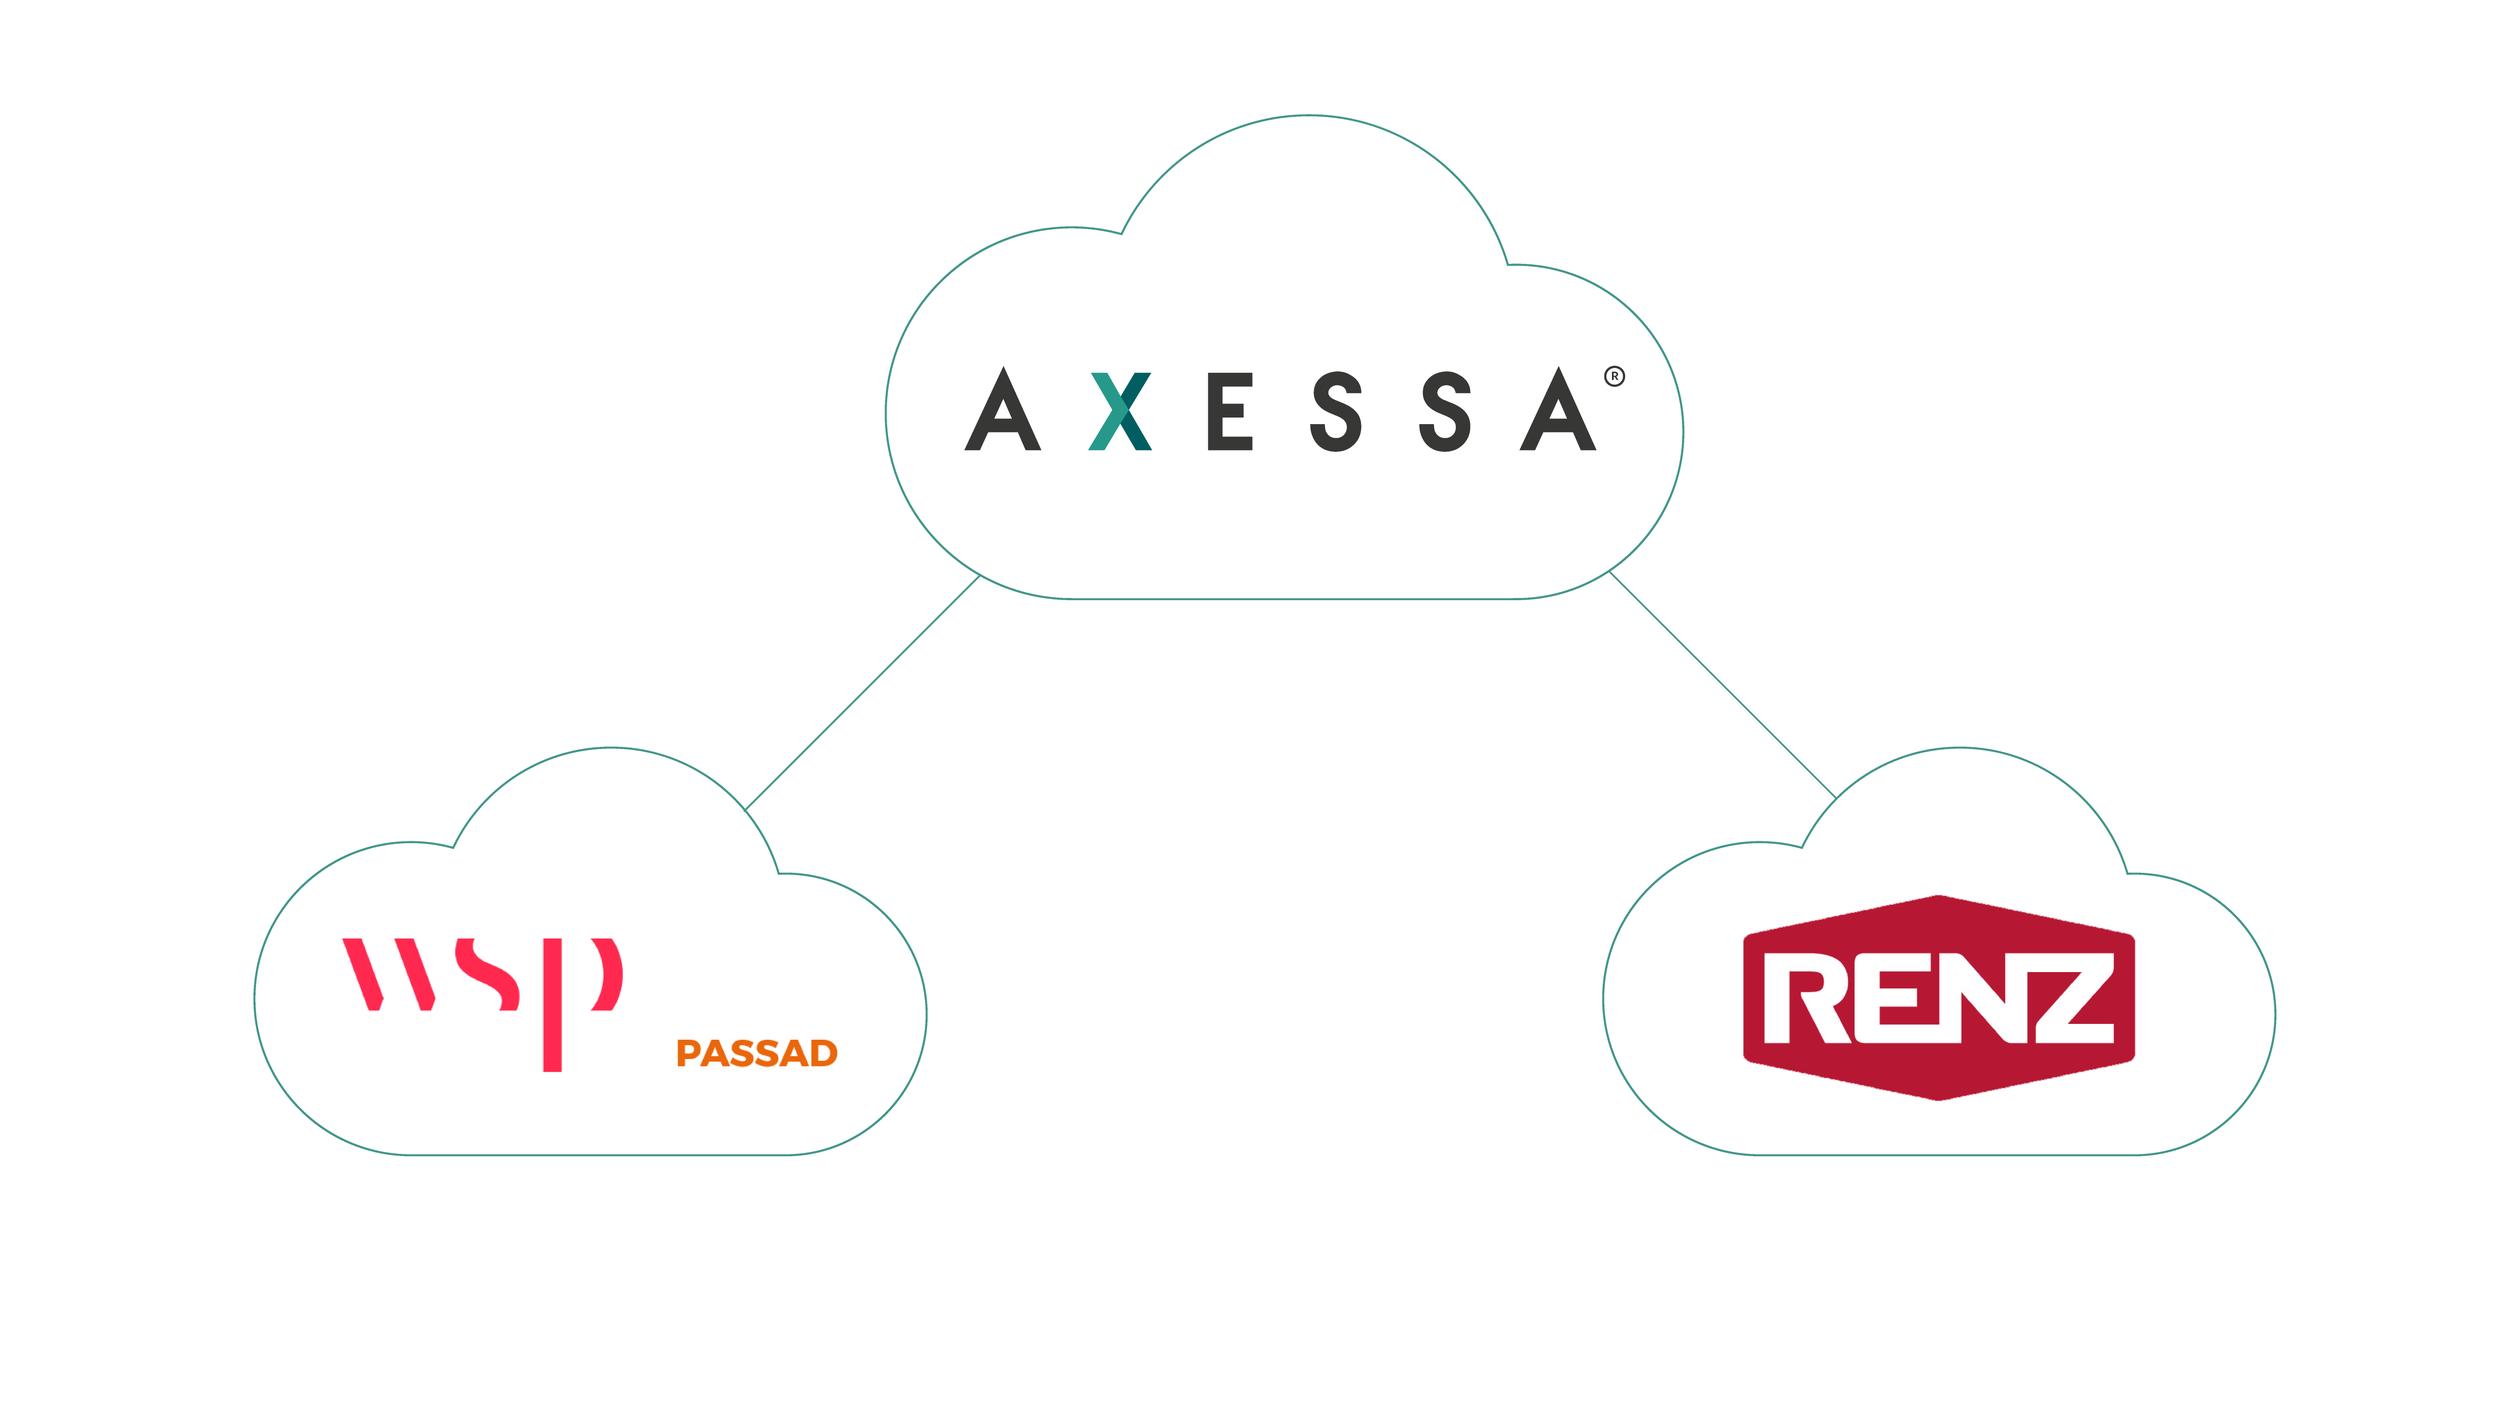 axessa_renz_passad_integration_Rityta 1.png